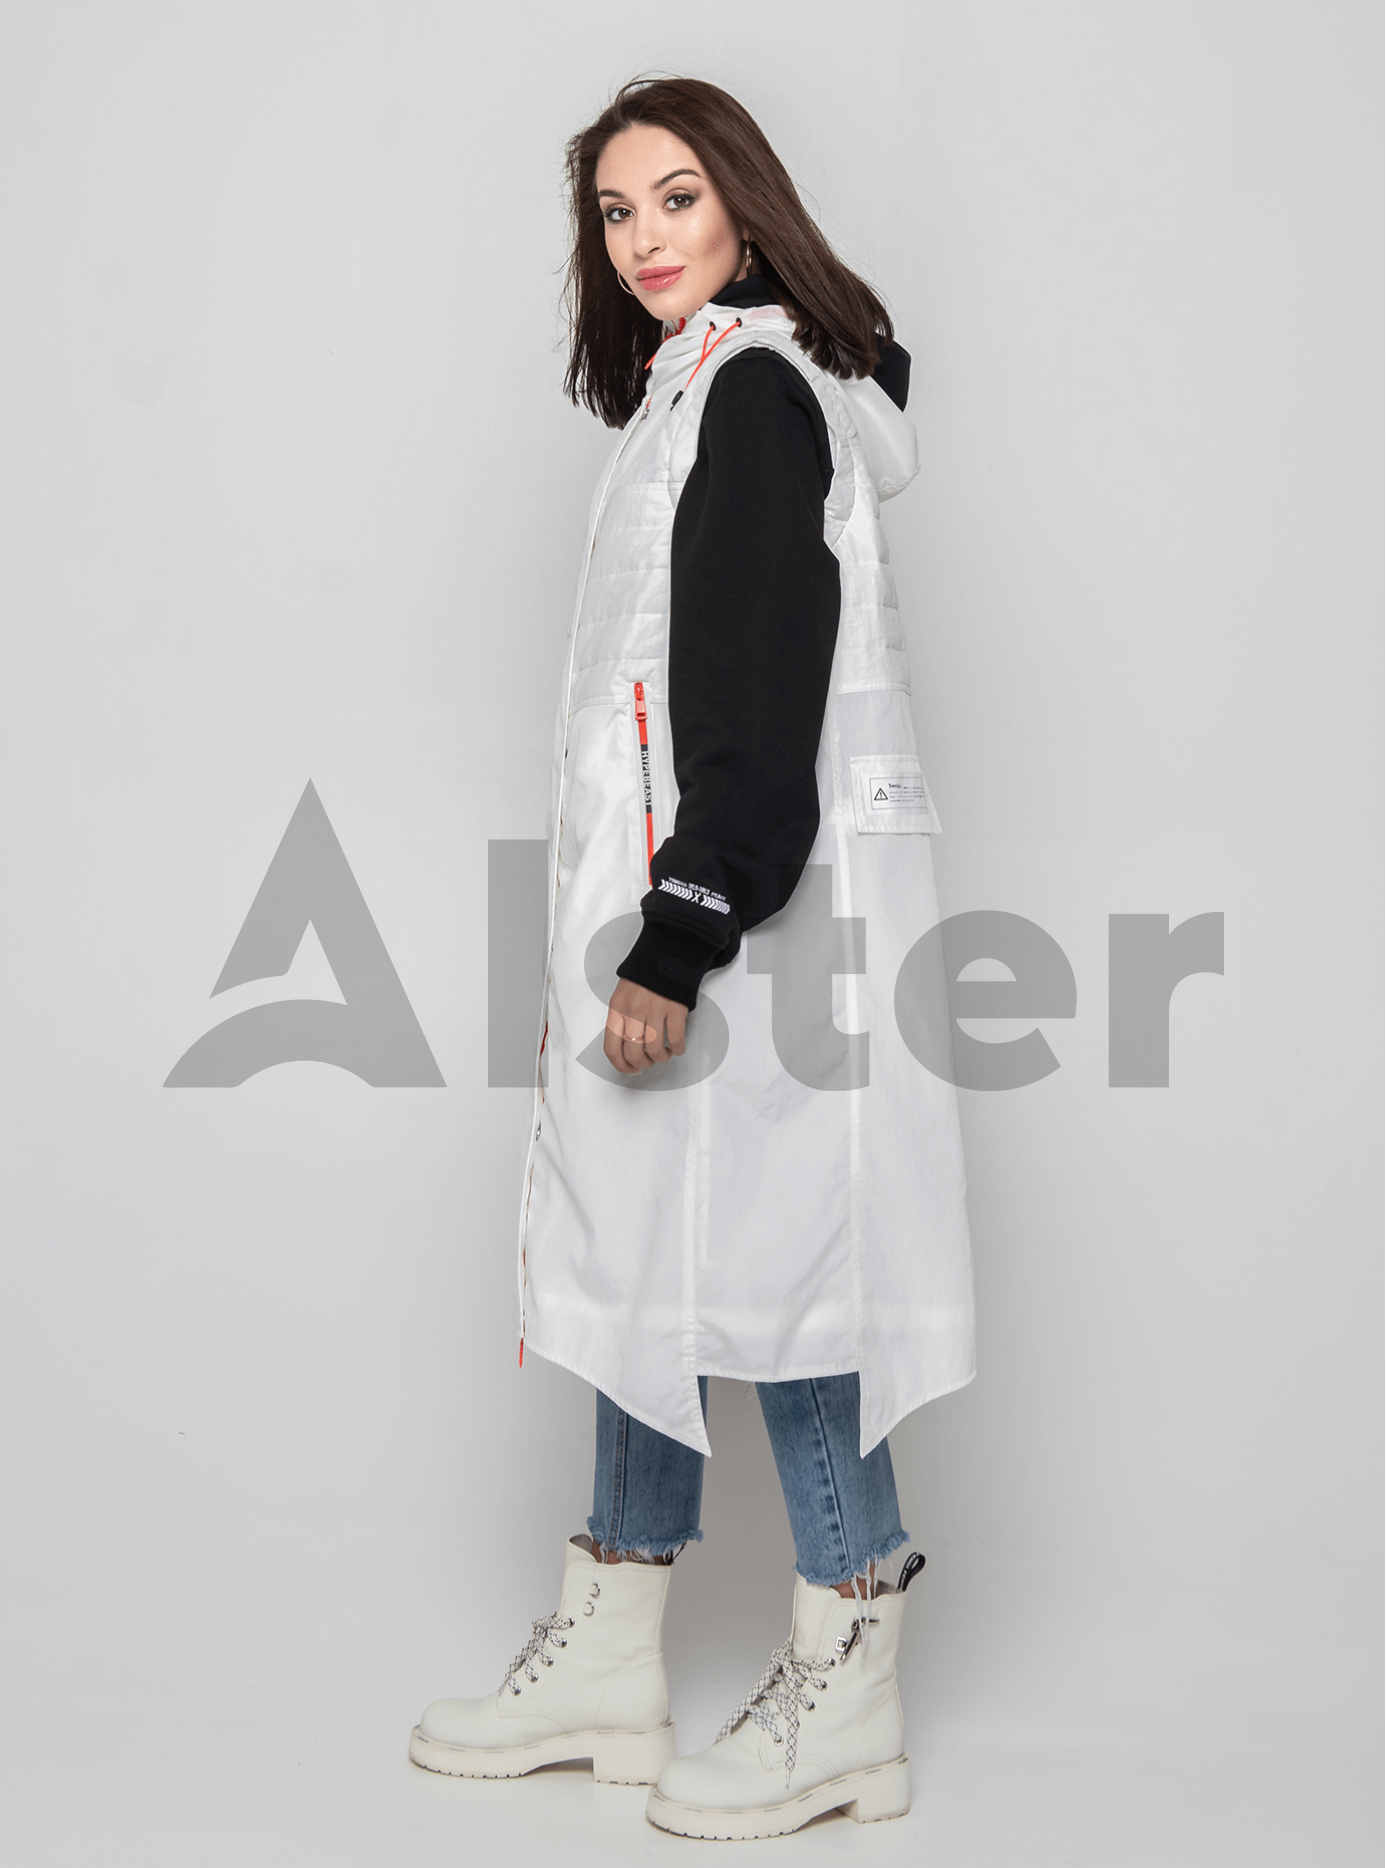 Жилет демисезонный длинный Белый L (02-Y191007): фото - Alster.ua